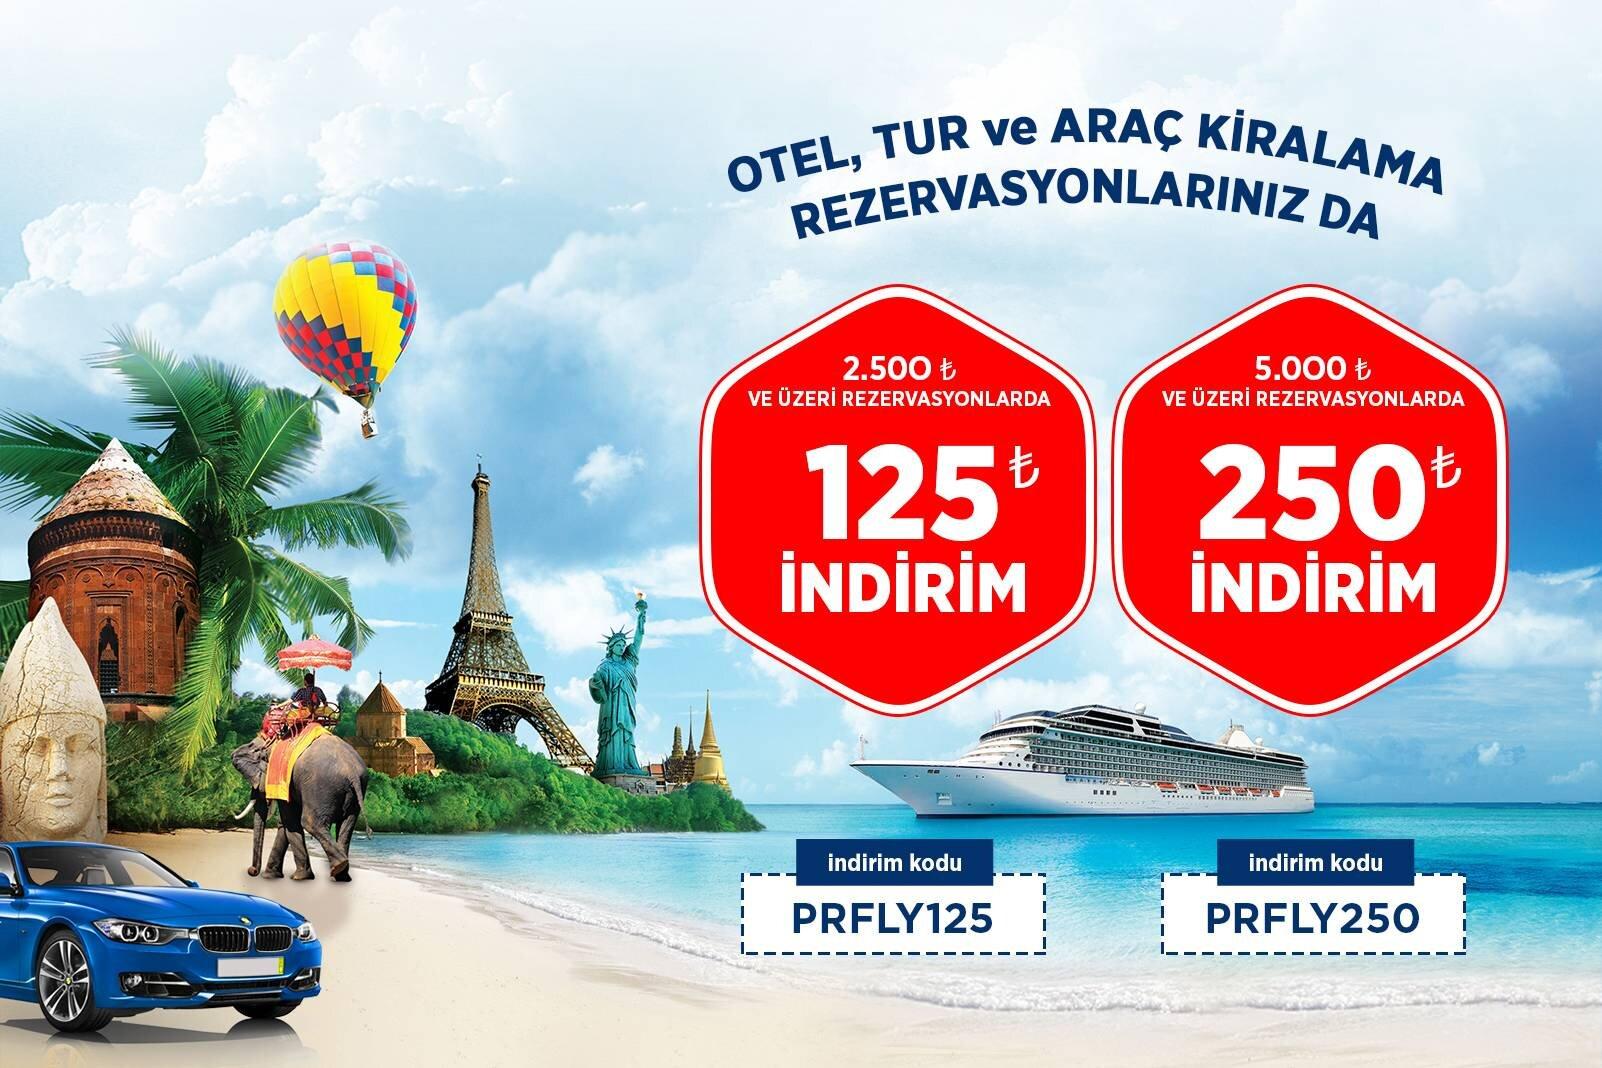 Otel, Tur ve Araç Kiralama Rezervasyonlarında 250 TL İndirim Fırsatı